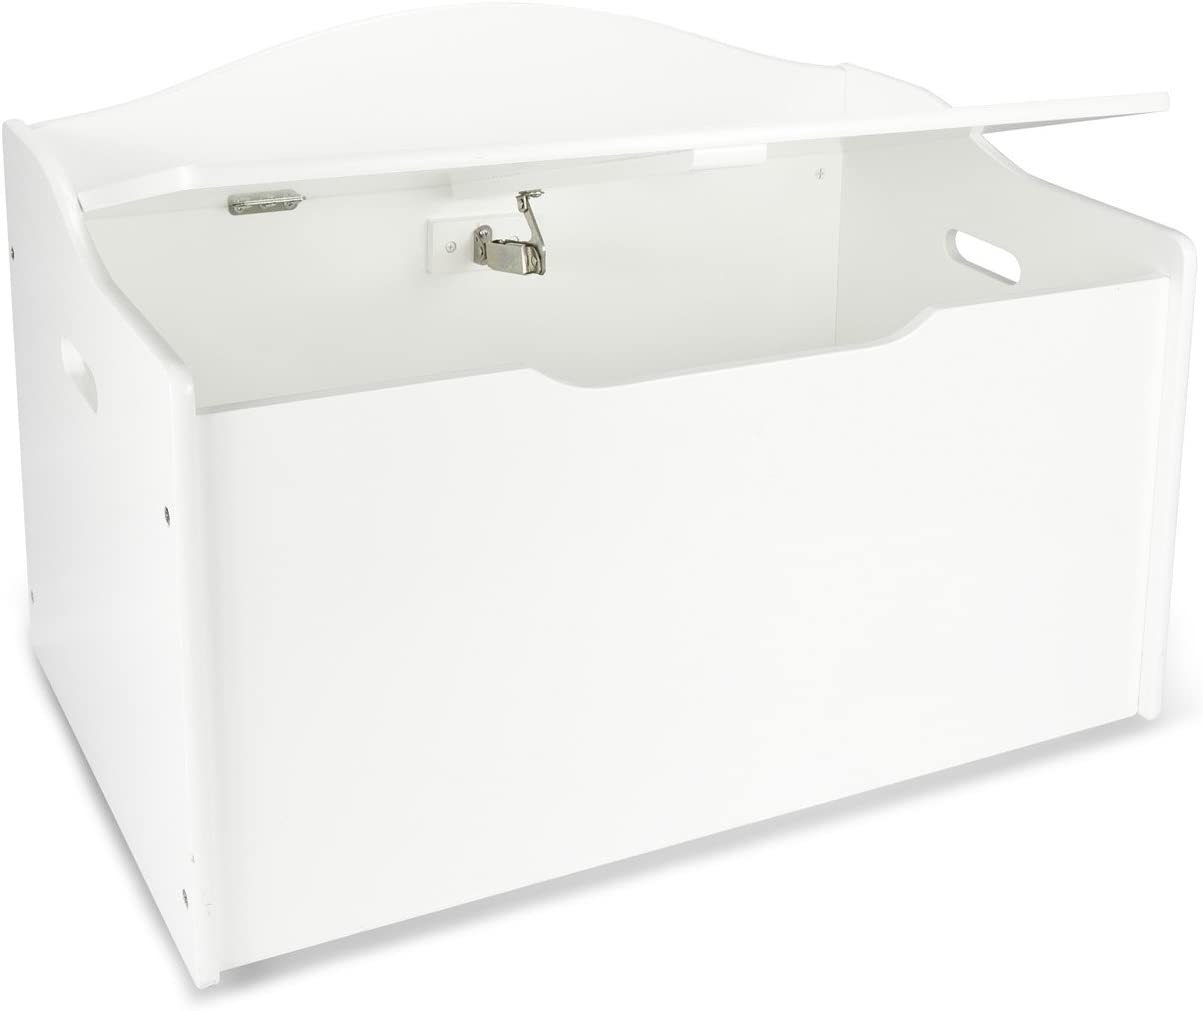 Leomark Caja de Madera XL Banco Blanco con Almacenamiento para Juguetes, Accesorios Baúl de Juguetes, Color Blanco, Dim: 68 x 42 x 46 (alto) cm